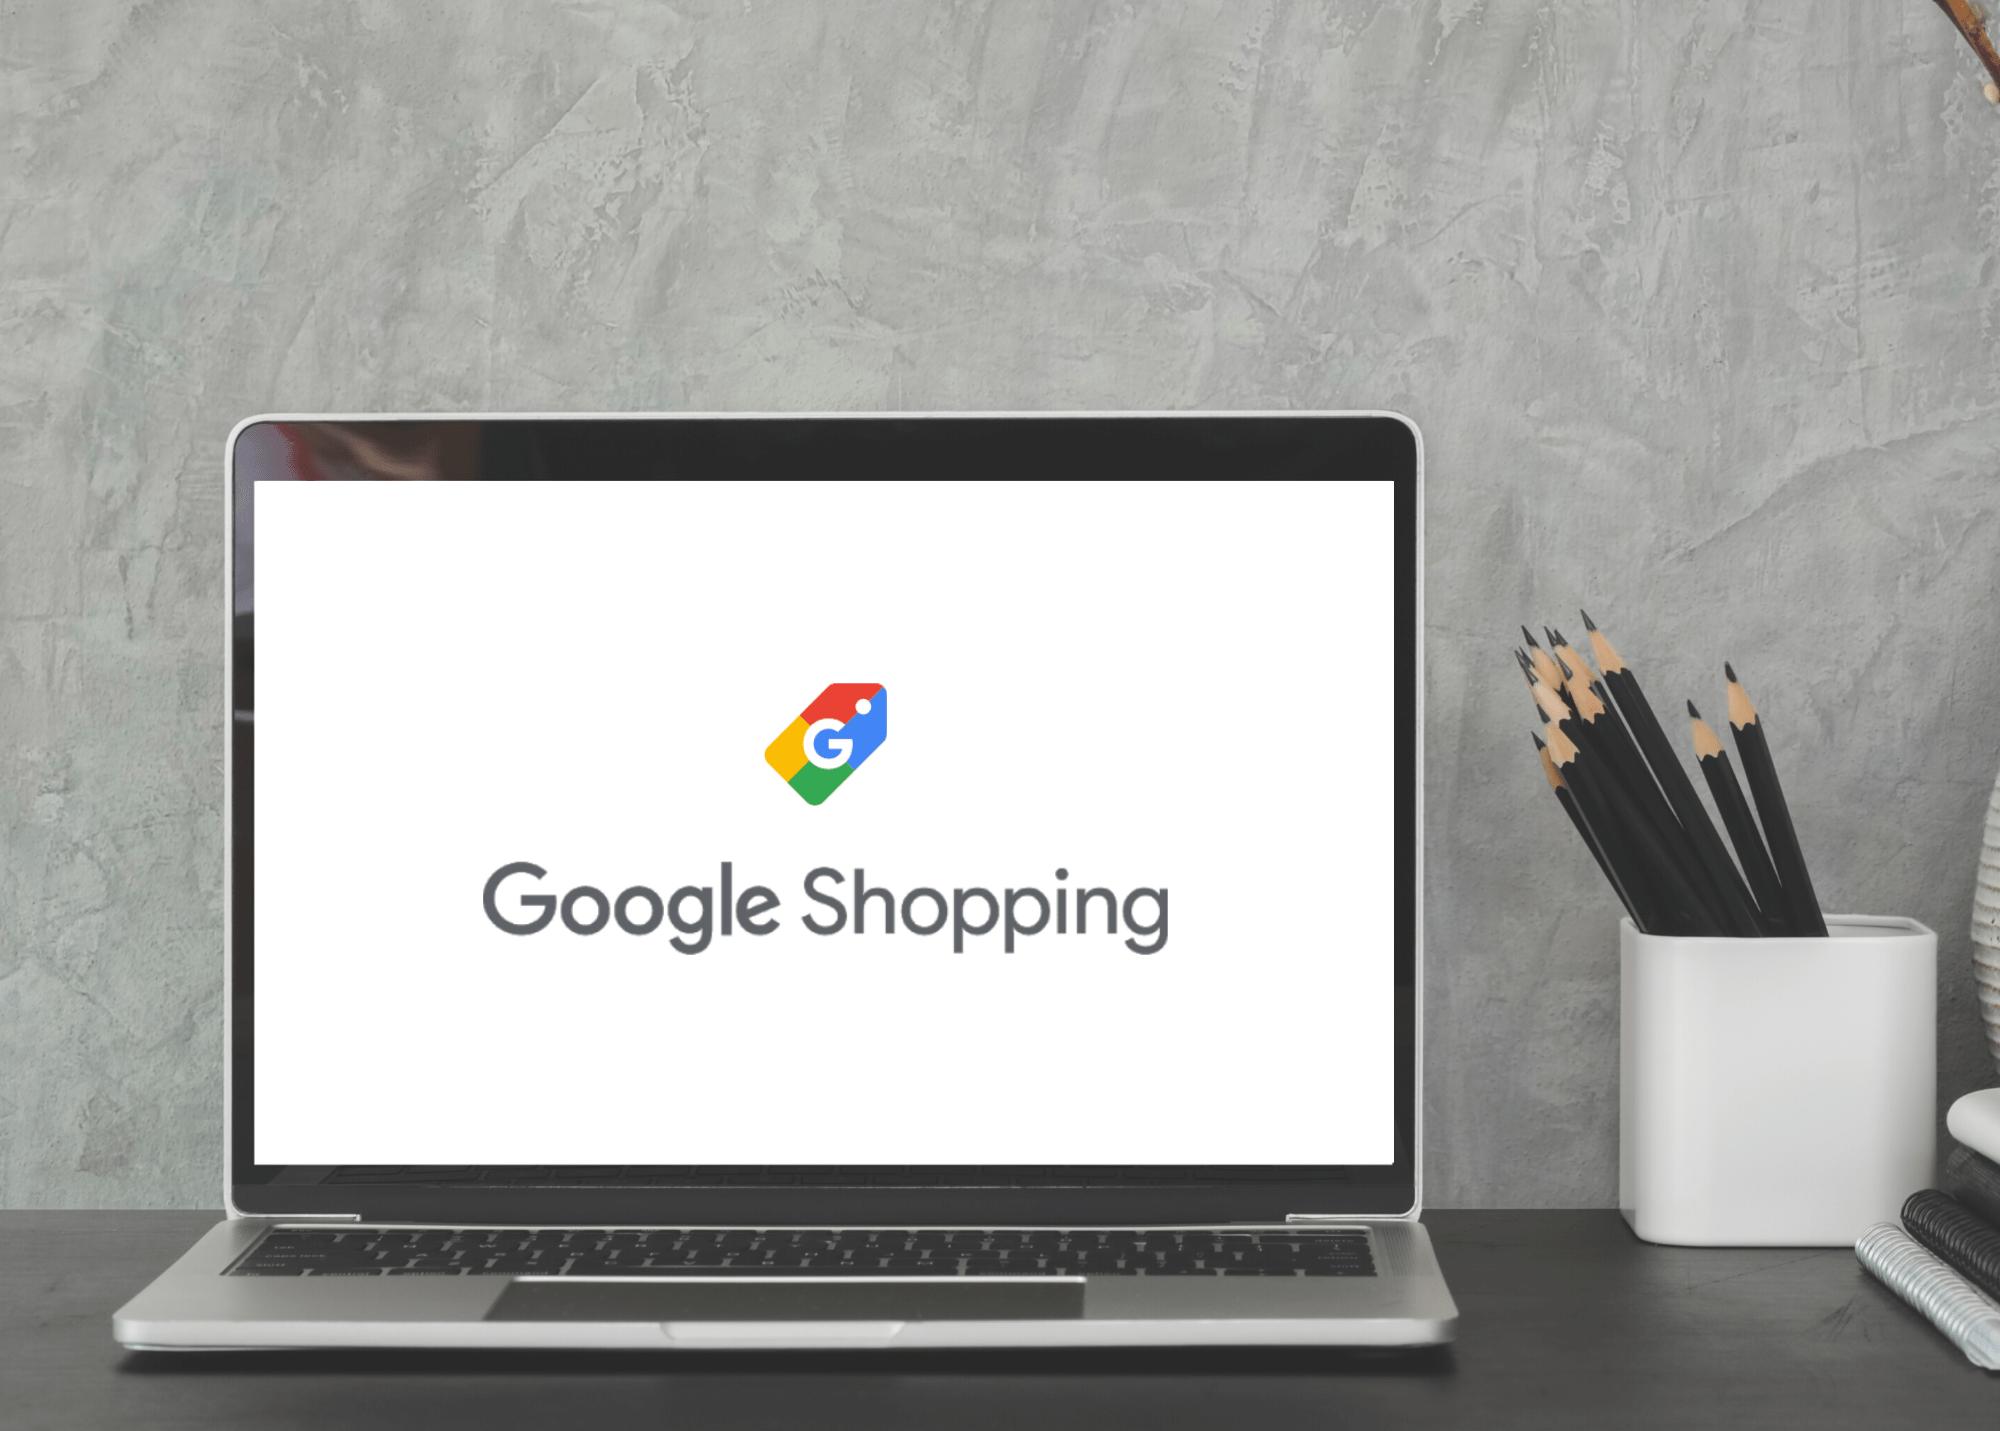 D38  Ads Google Shopping 01182021